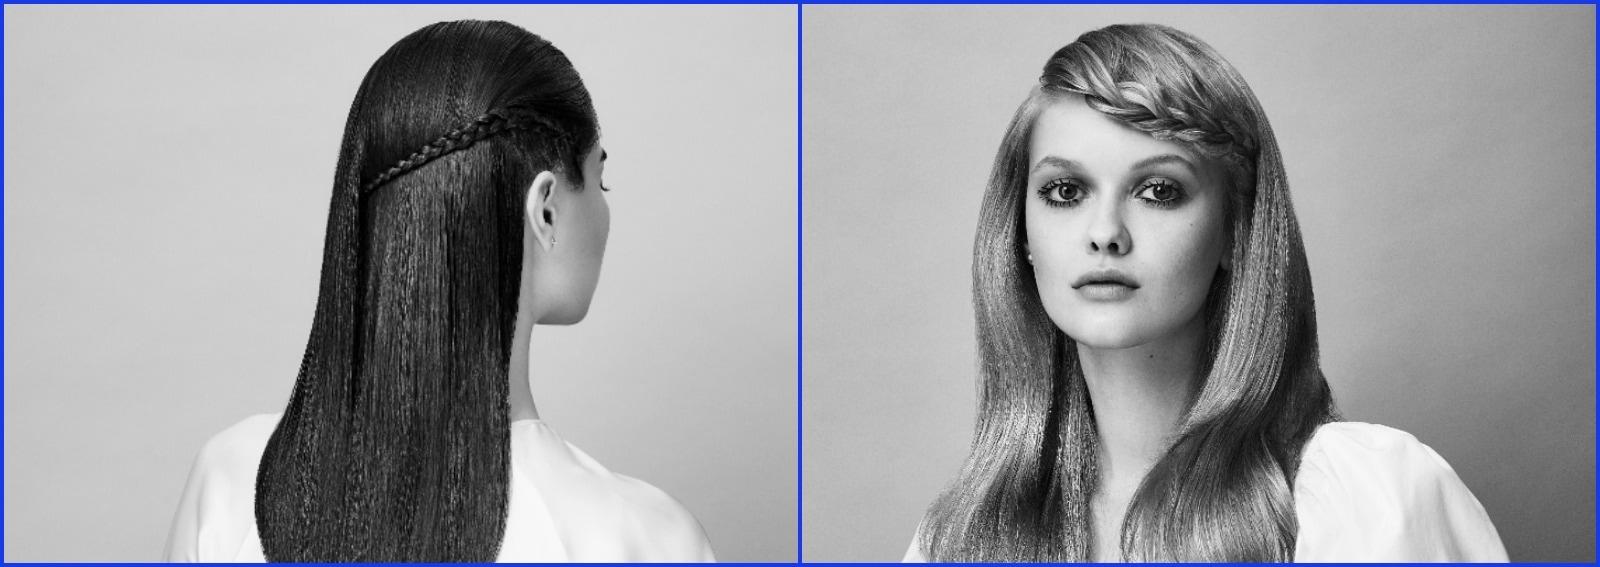 semiraccolto con le trecce acconciature capelli idee più belle da copiare cover desktop